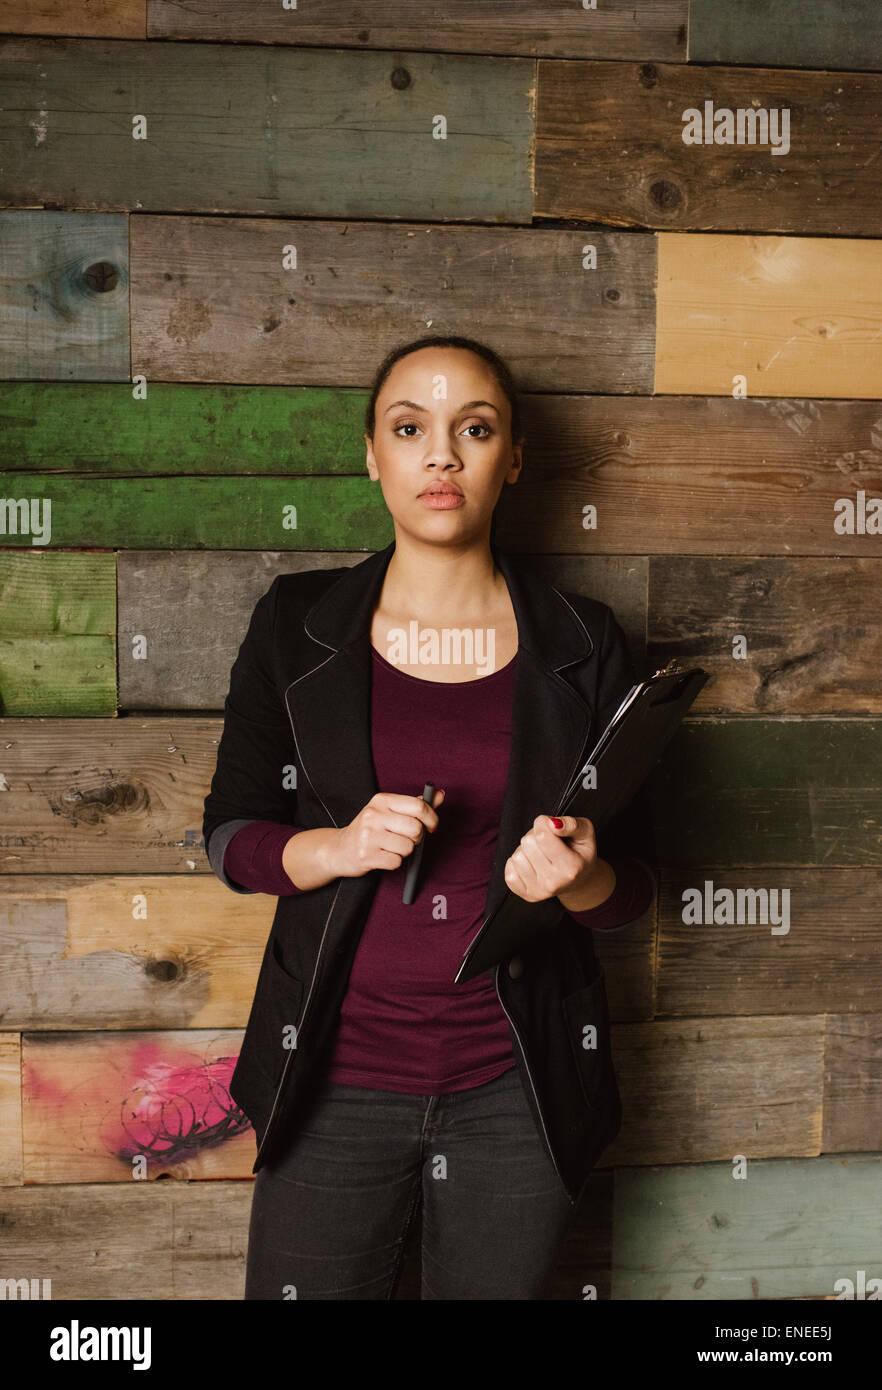 Porträt von entschlossenen jungen Frau eine Zwischenablage stehen gegen eine Holzwand, Blick in die Kamera Stockbild